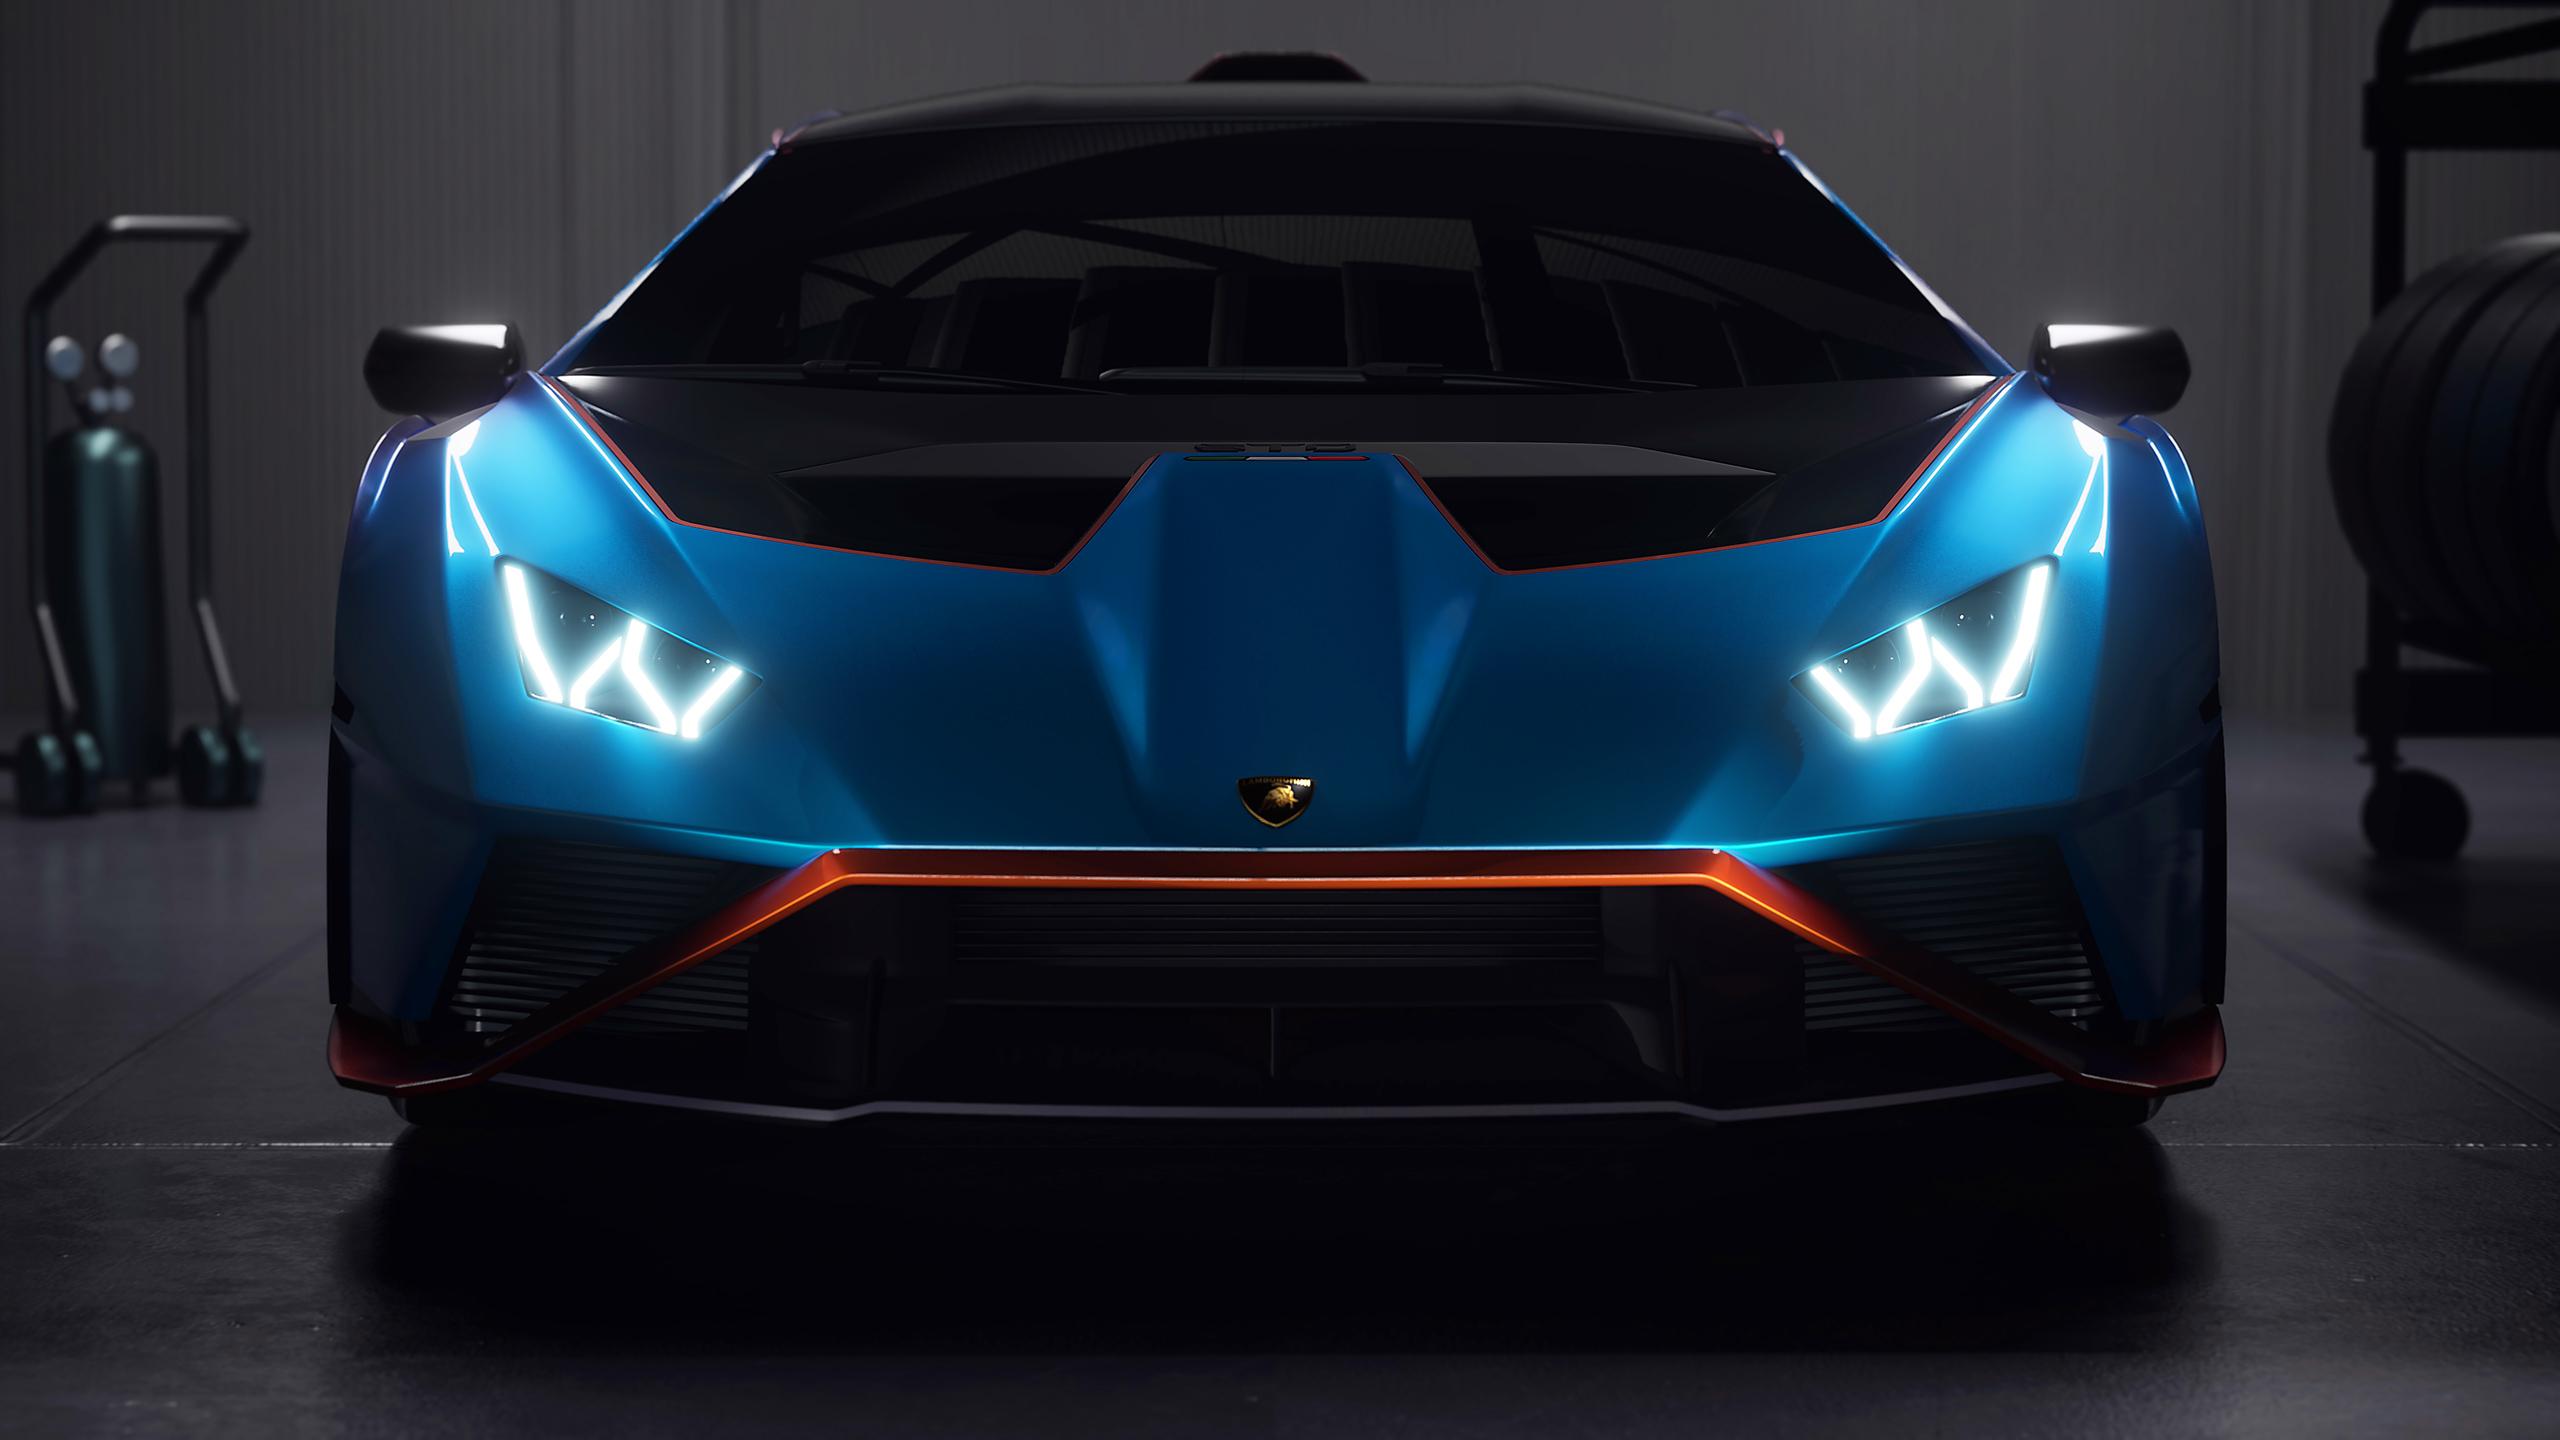 Capacity : Rocket League x Lamborghini Huracan